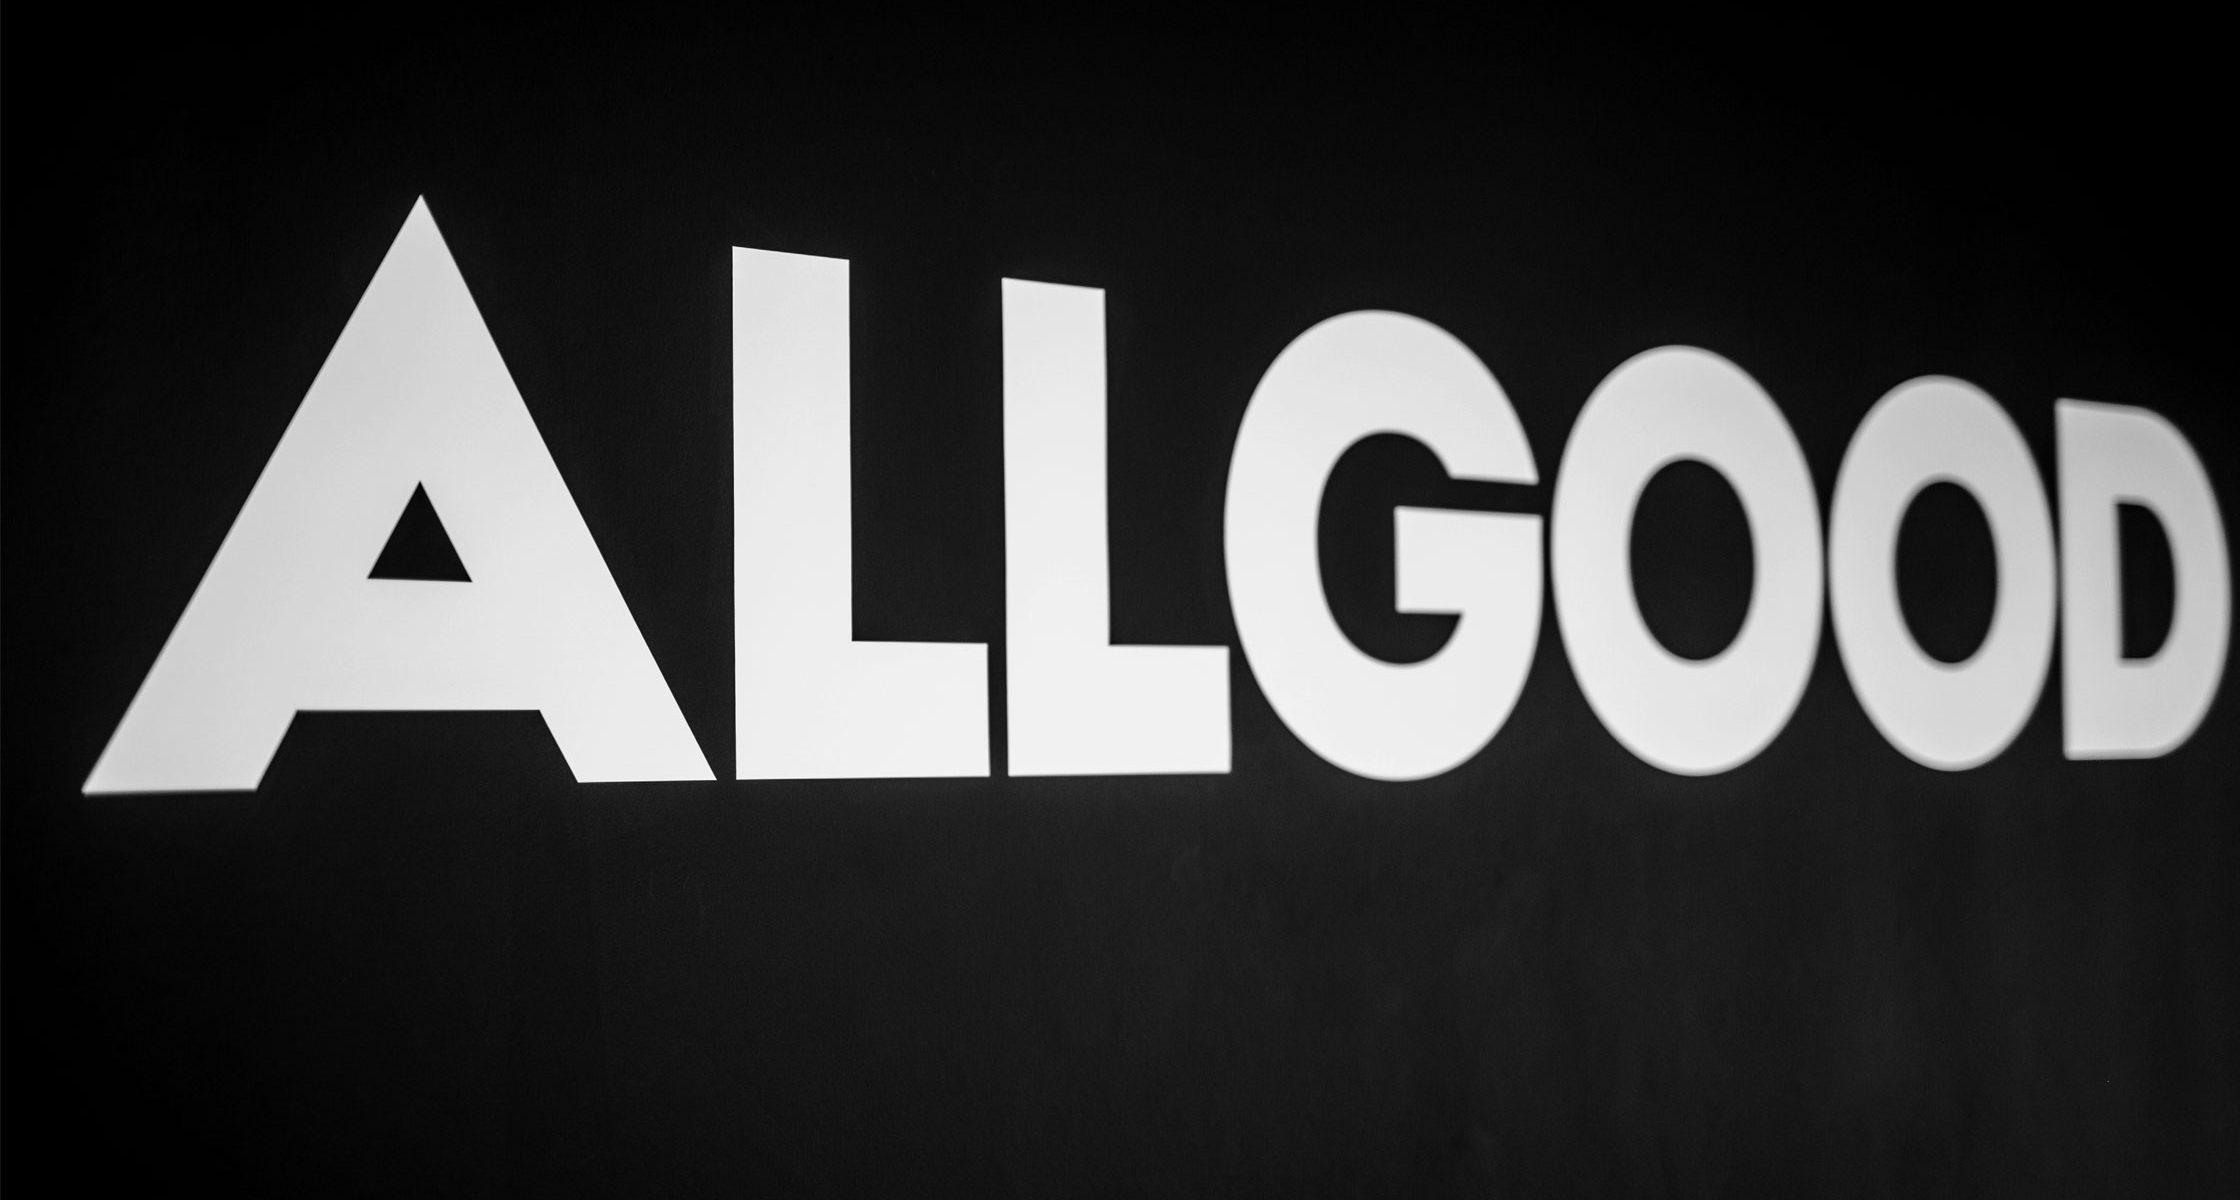 ALLGOOD-portfolio-8